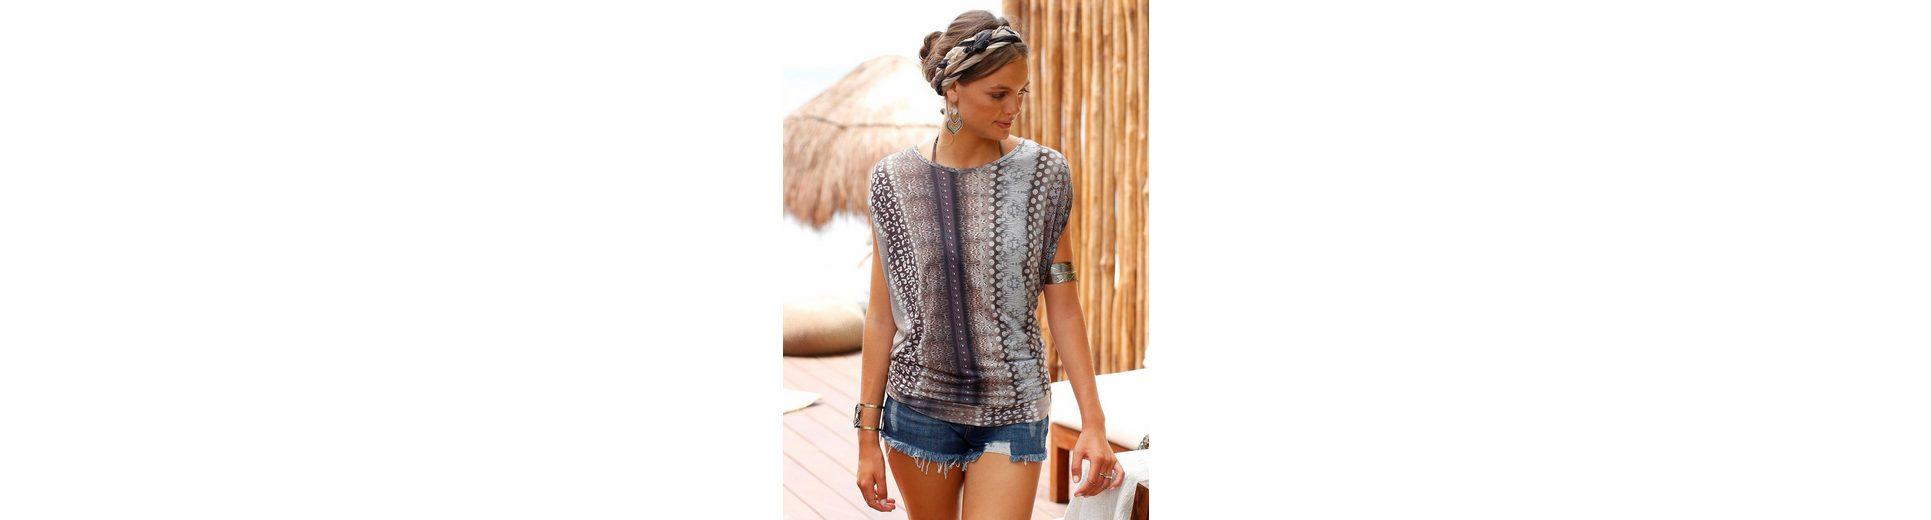 Buffalo London Strandshirt Steckdose Online Spielraum Ebay Top-Qualität Verkauf Online Klassische Online-Verkauf Billigste Zum Verkauf PnY2kIzlx